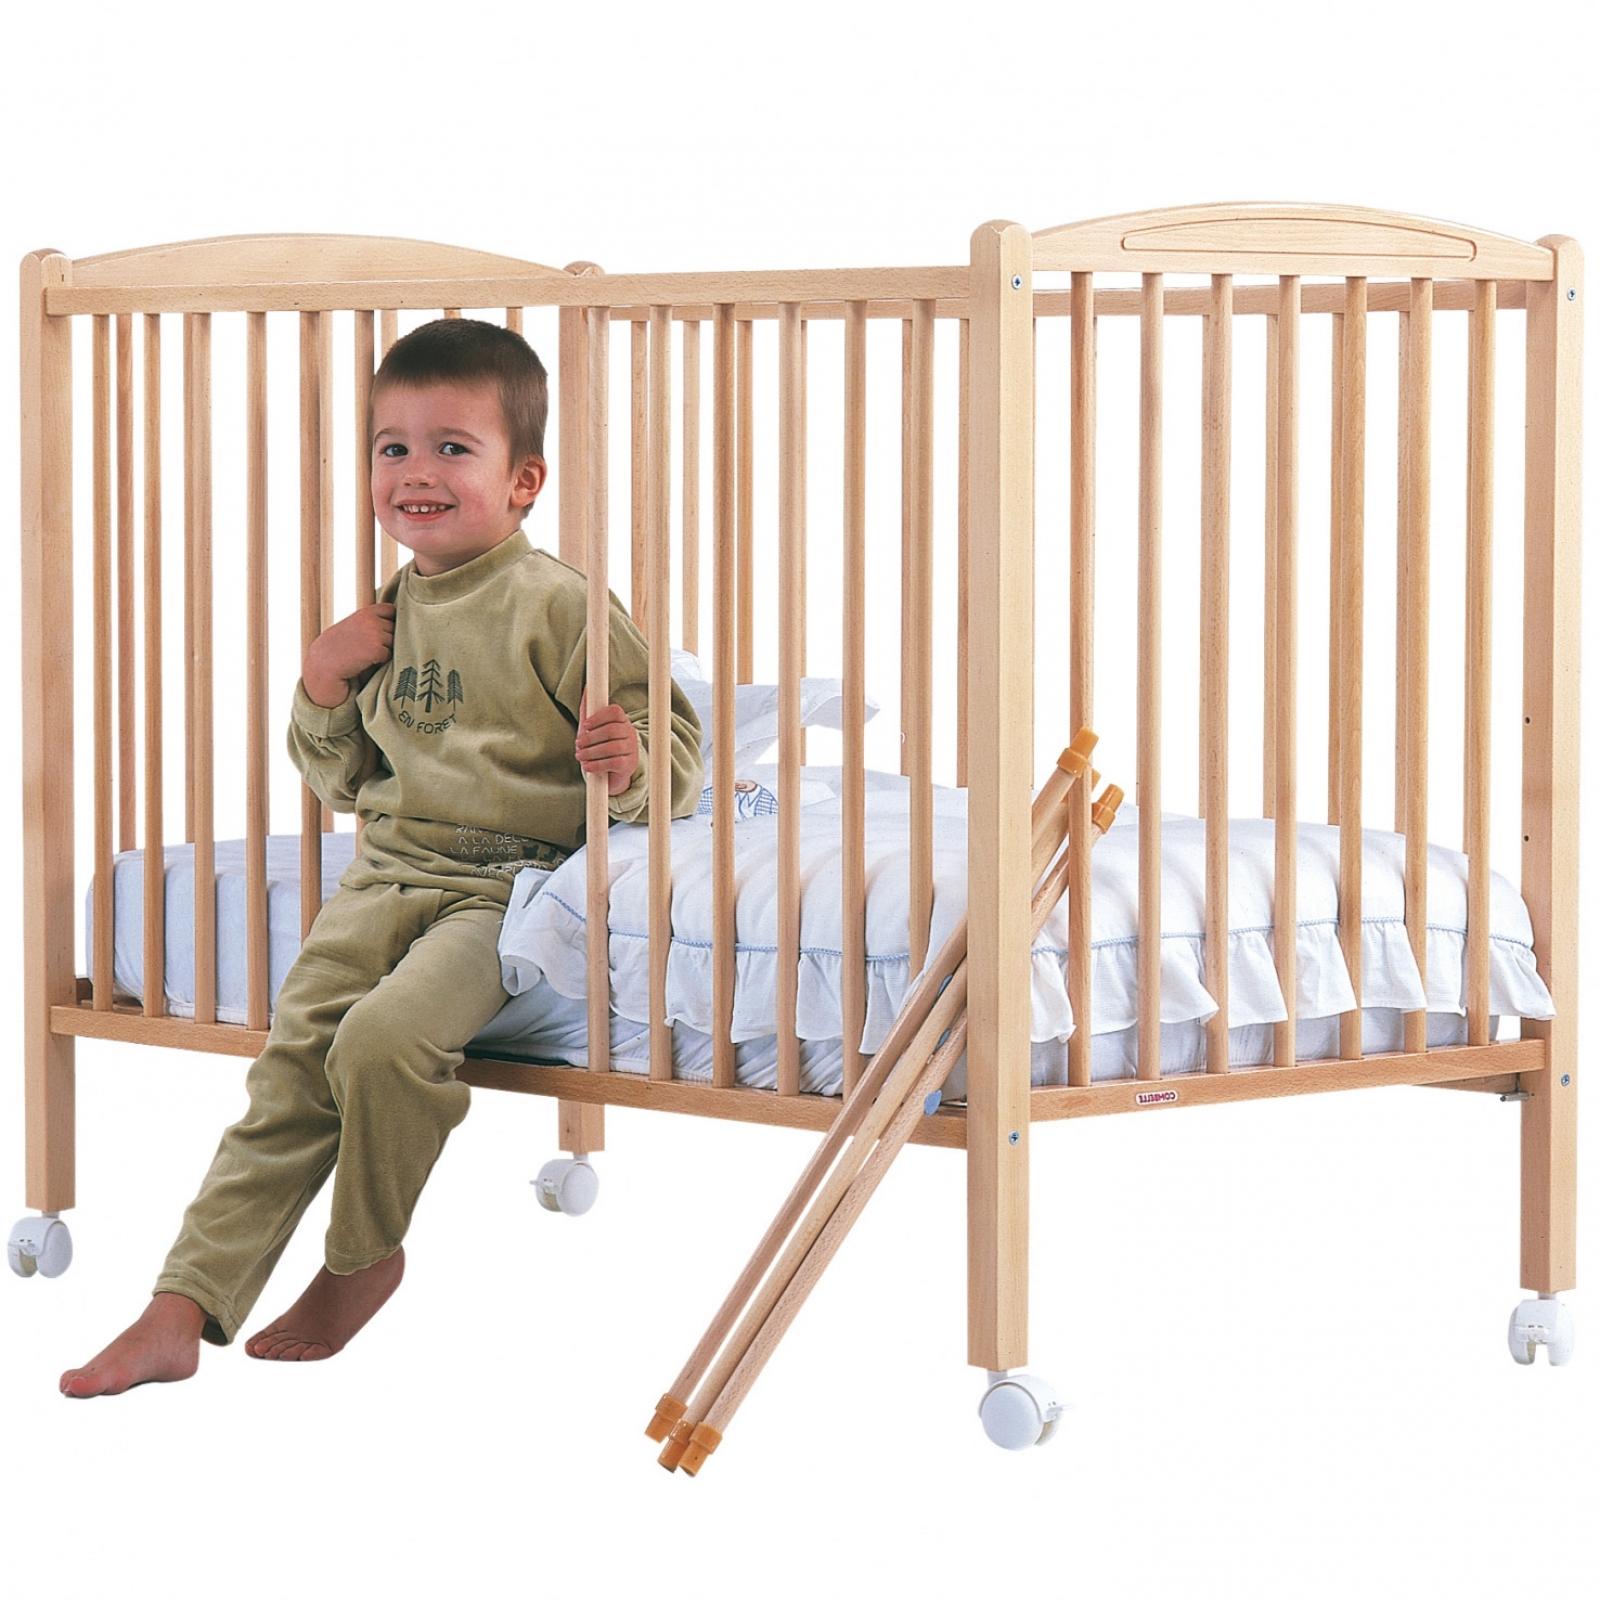 mort subite du nourrisson berceau magique. Black Bedroom Furniture Sets. Home Design Ideas